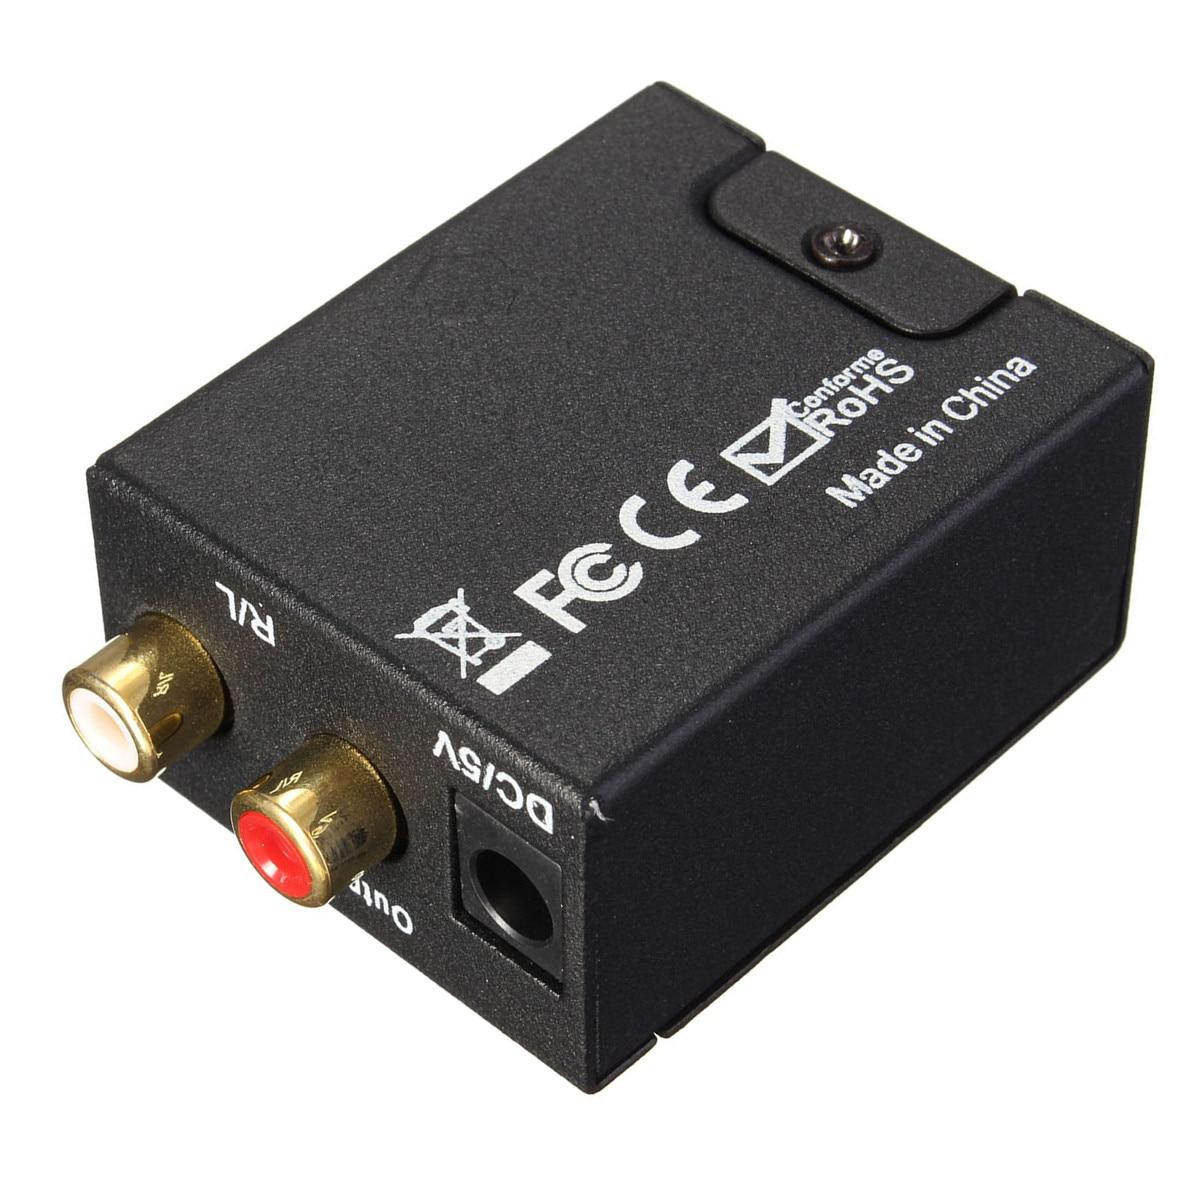 Tragbares Audio & Video Intellektuell Leory Digital Optical Coax Toslink Zu Analog Audio Konverter/koaxial-oder Toslink Digital Audio Signale Zu Analog L/ R Audio Krankheiten Zu Verhindern Und Zu Heilen